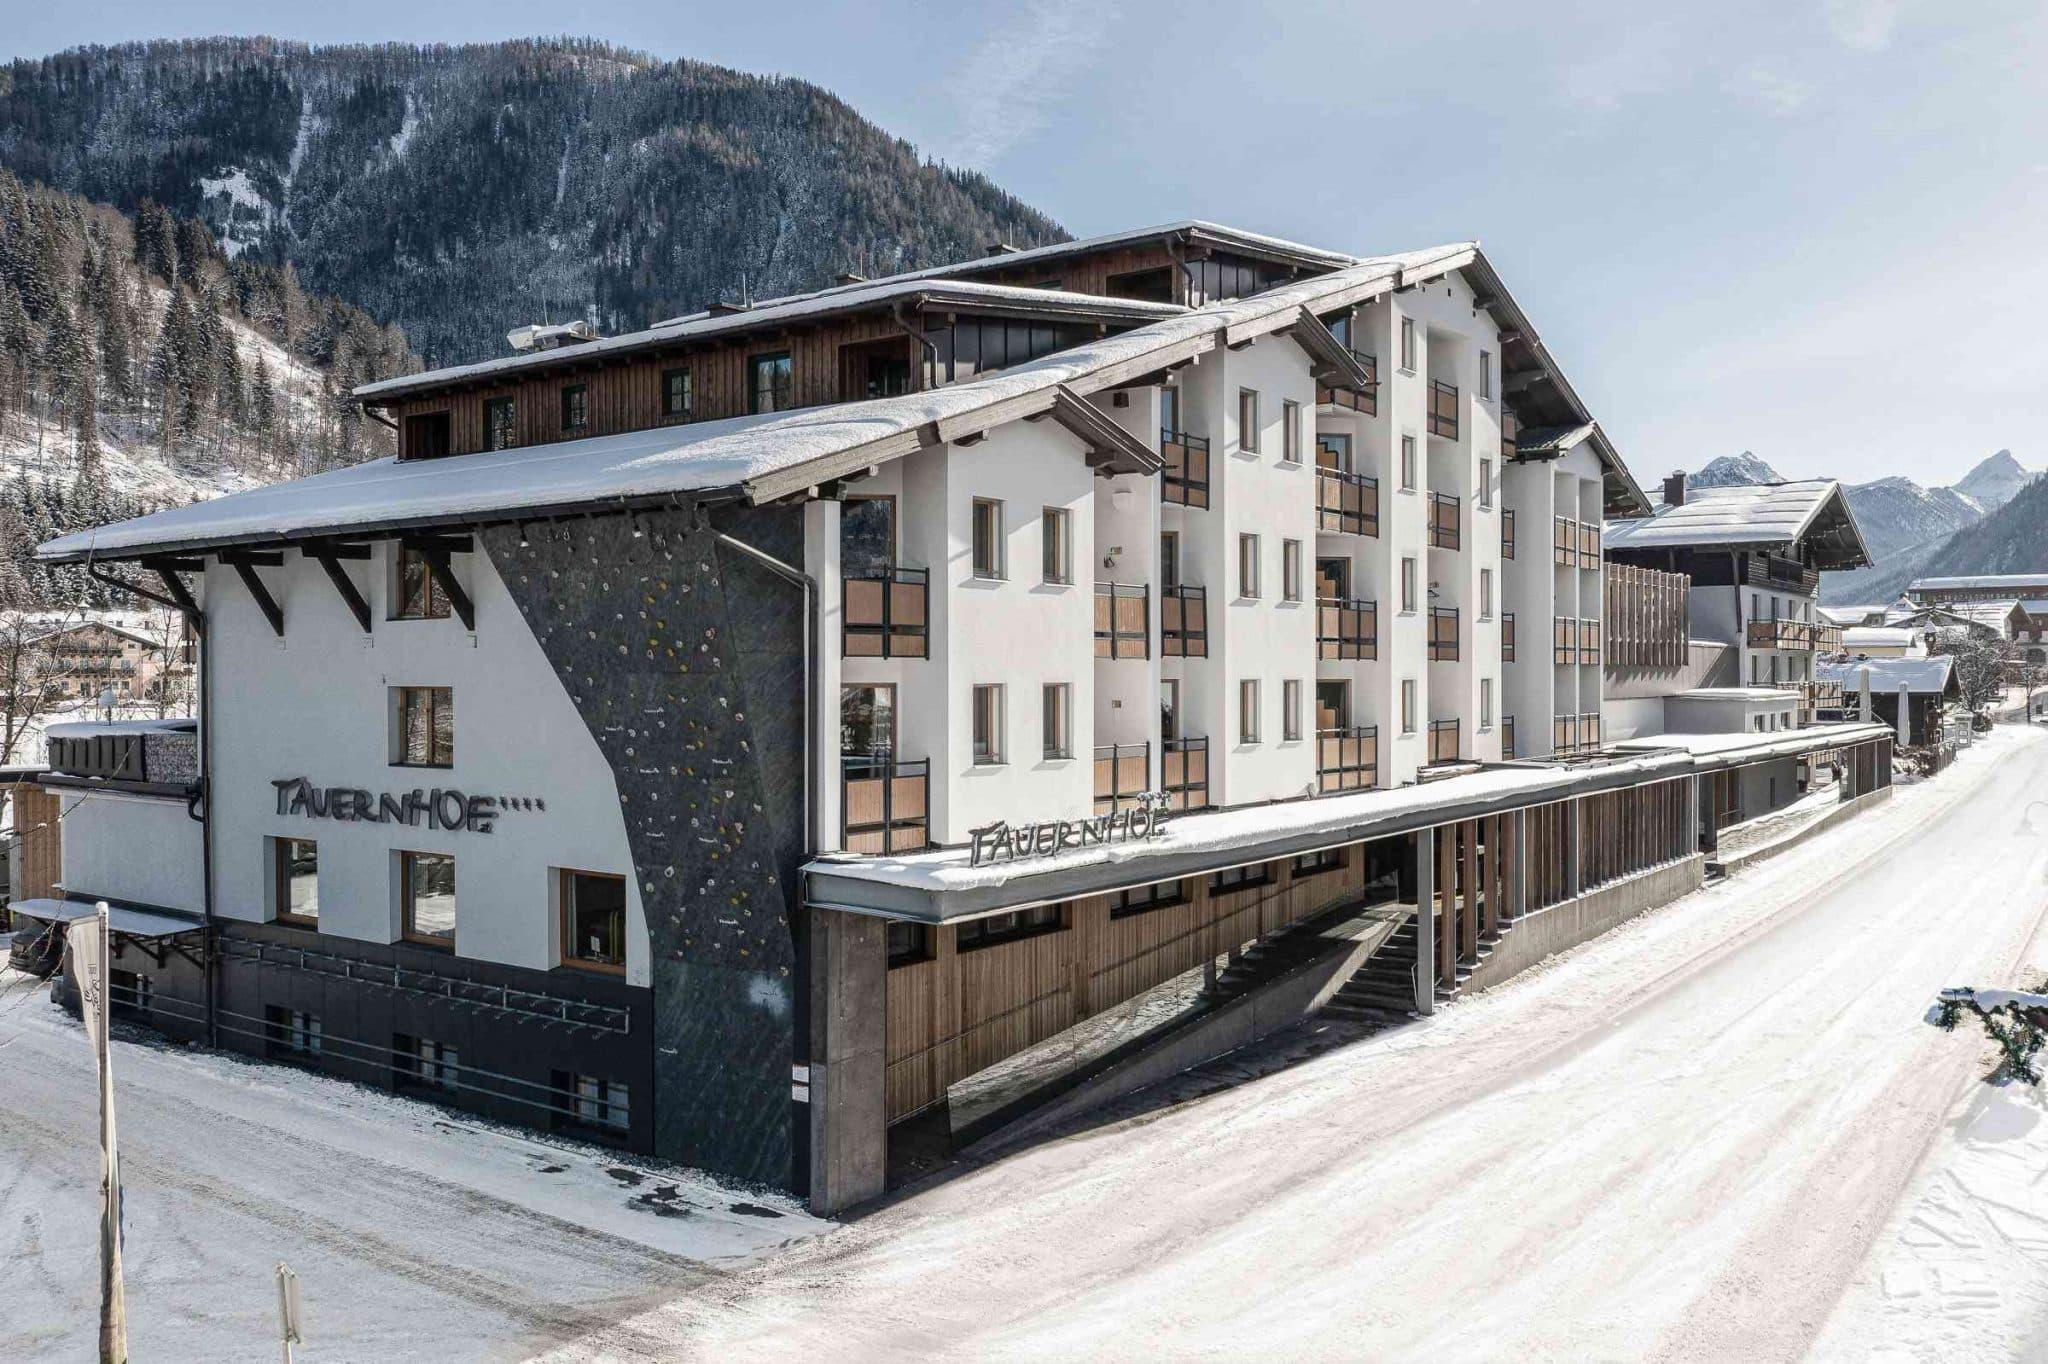 Tauernhof Umweltzeichen Hotel